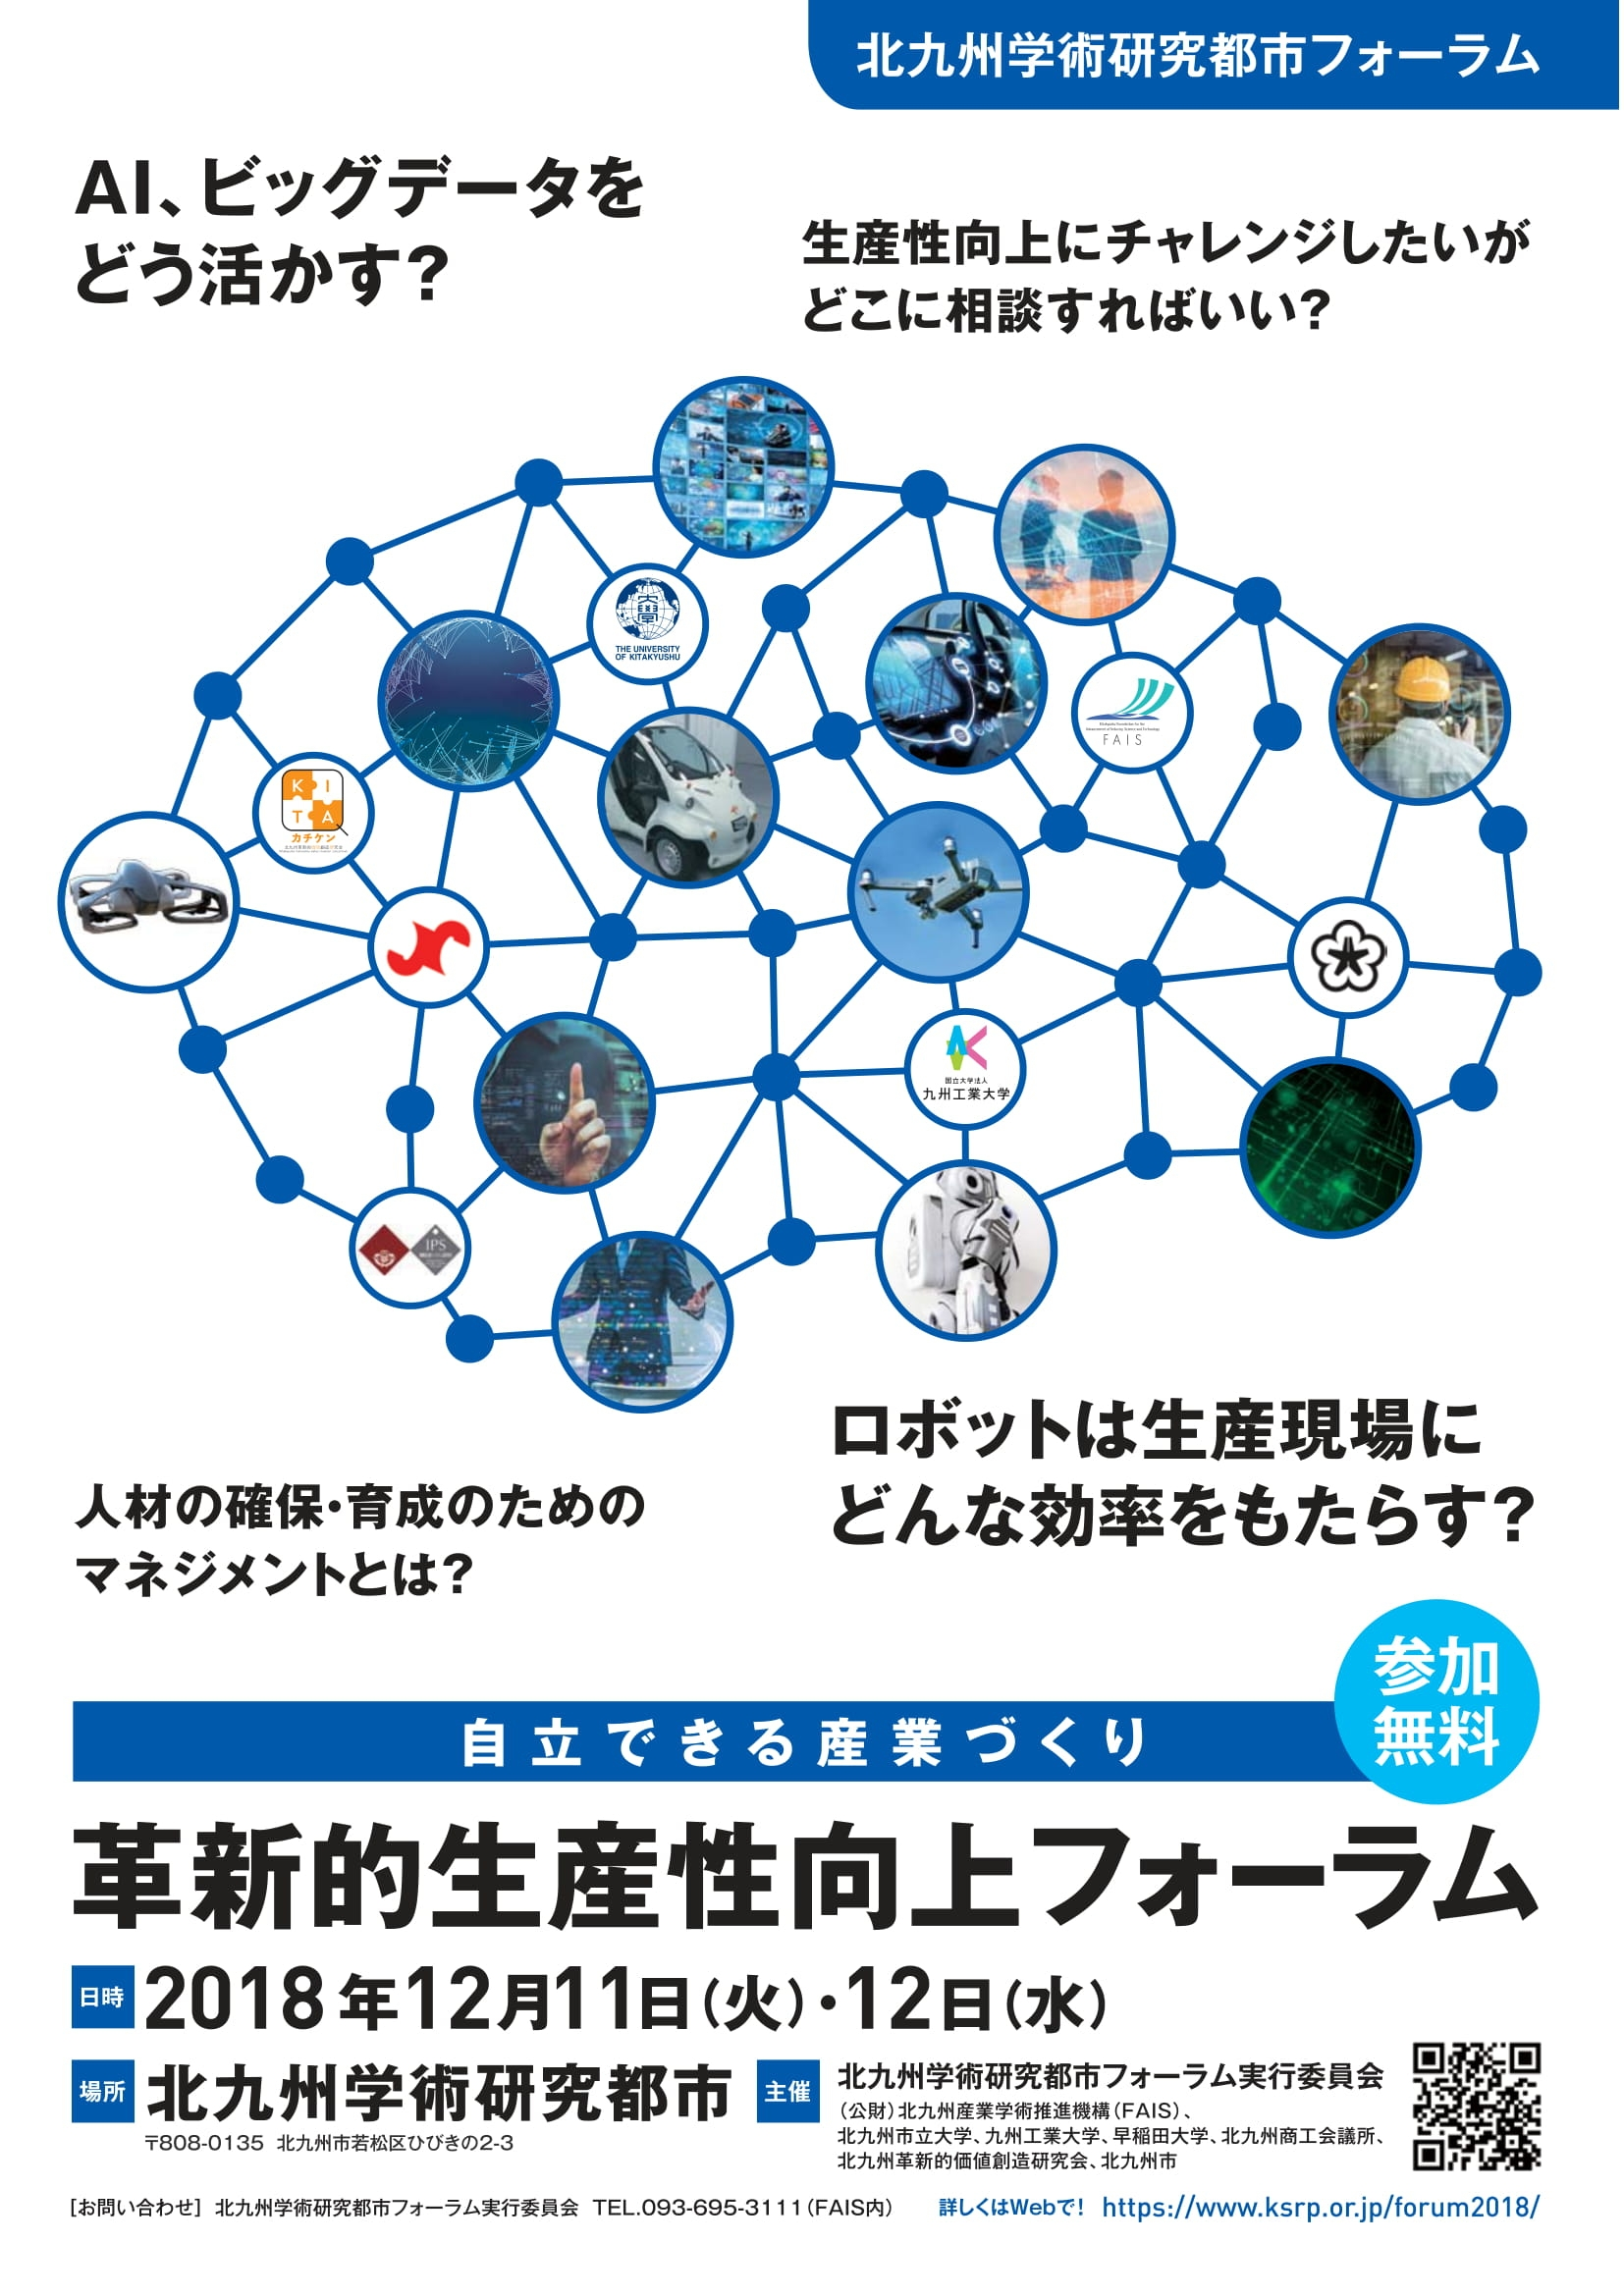 【北九州学術研究都市フォーラム】革新的生産性向上フォーラム